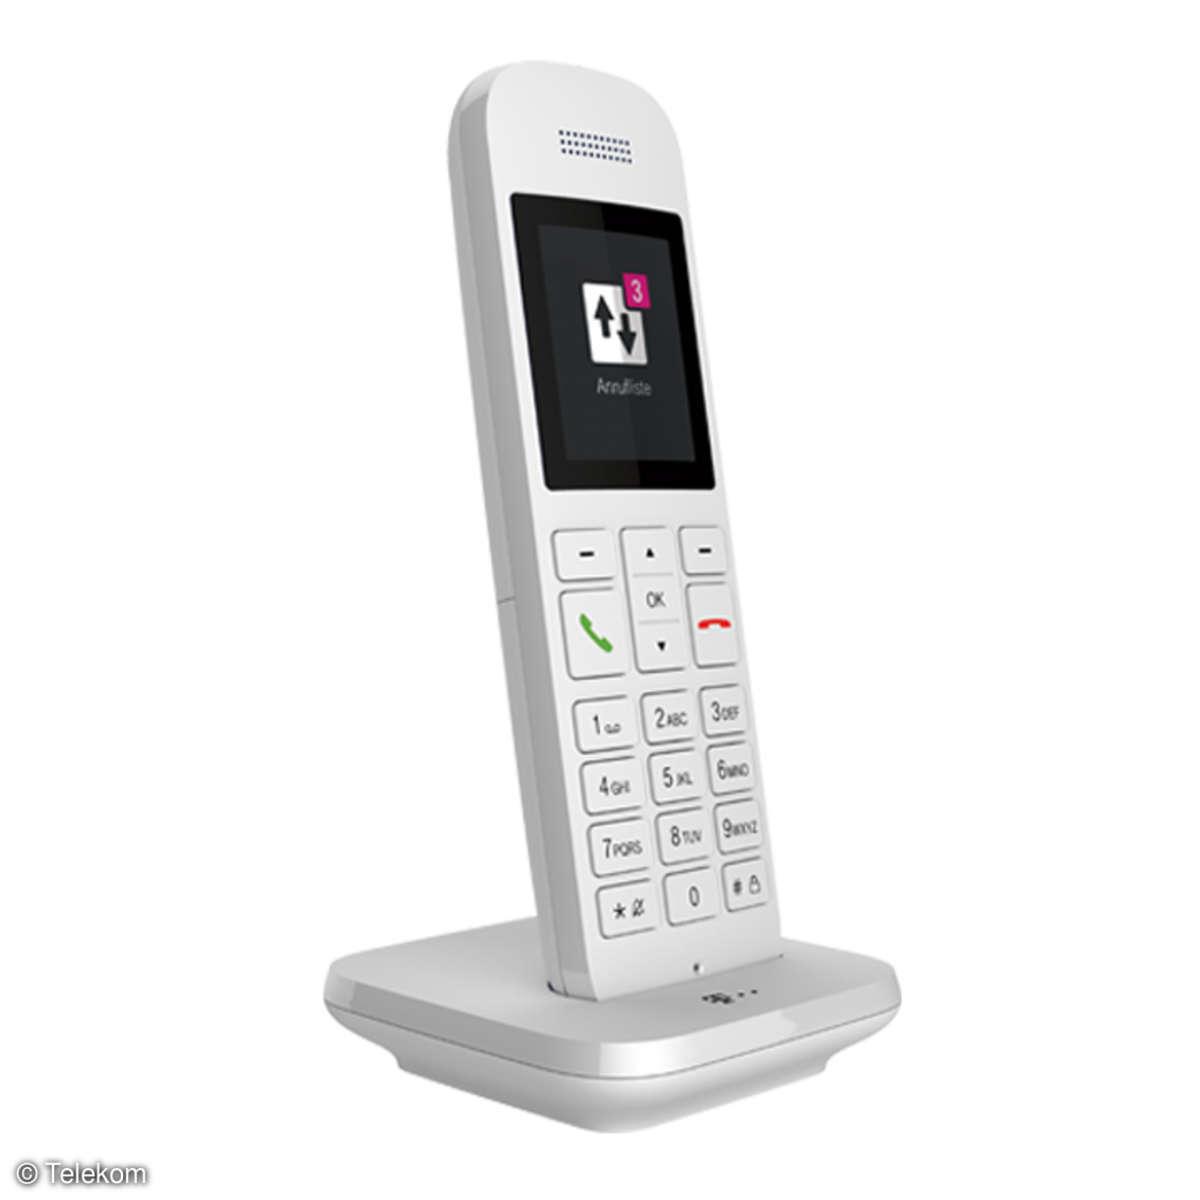 DECT-Telefone: Telekom Speedphone 12 im Vergleichstest